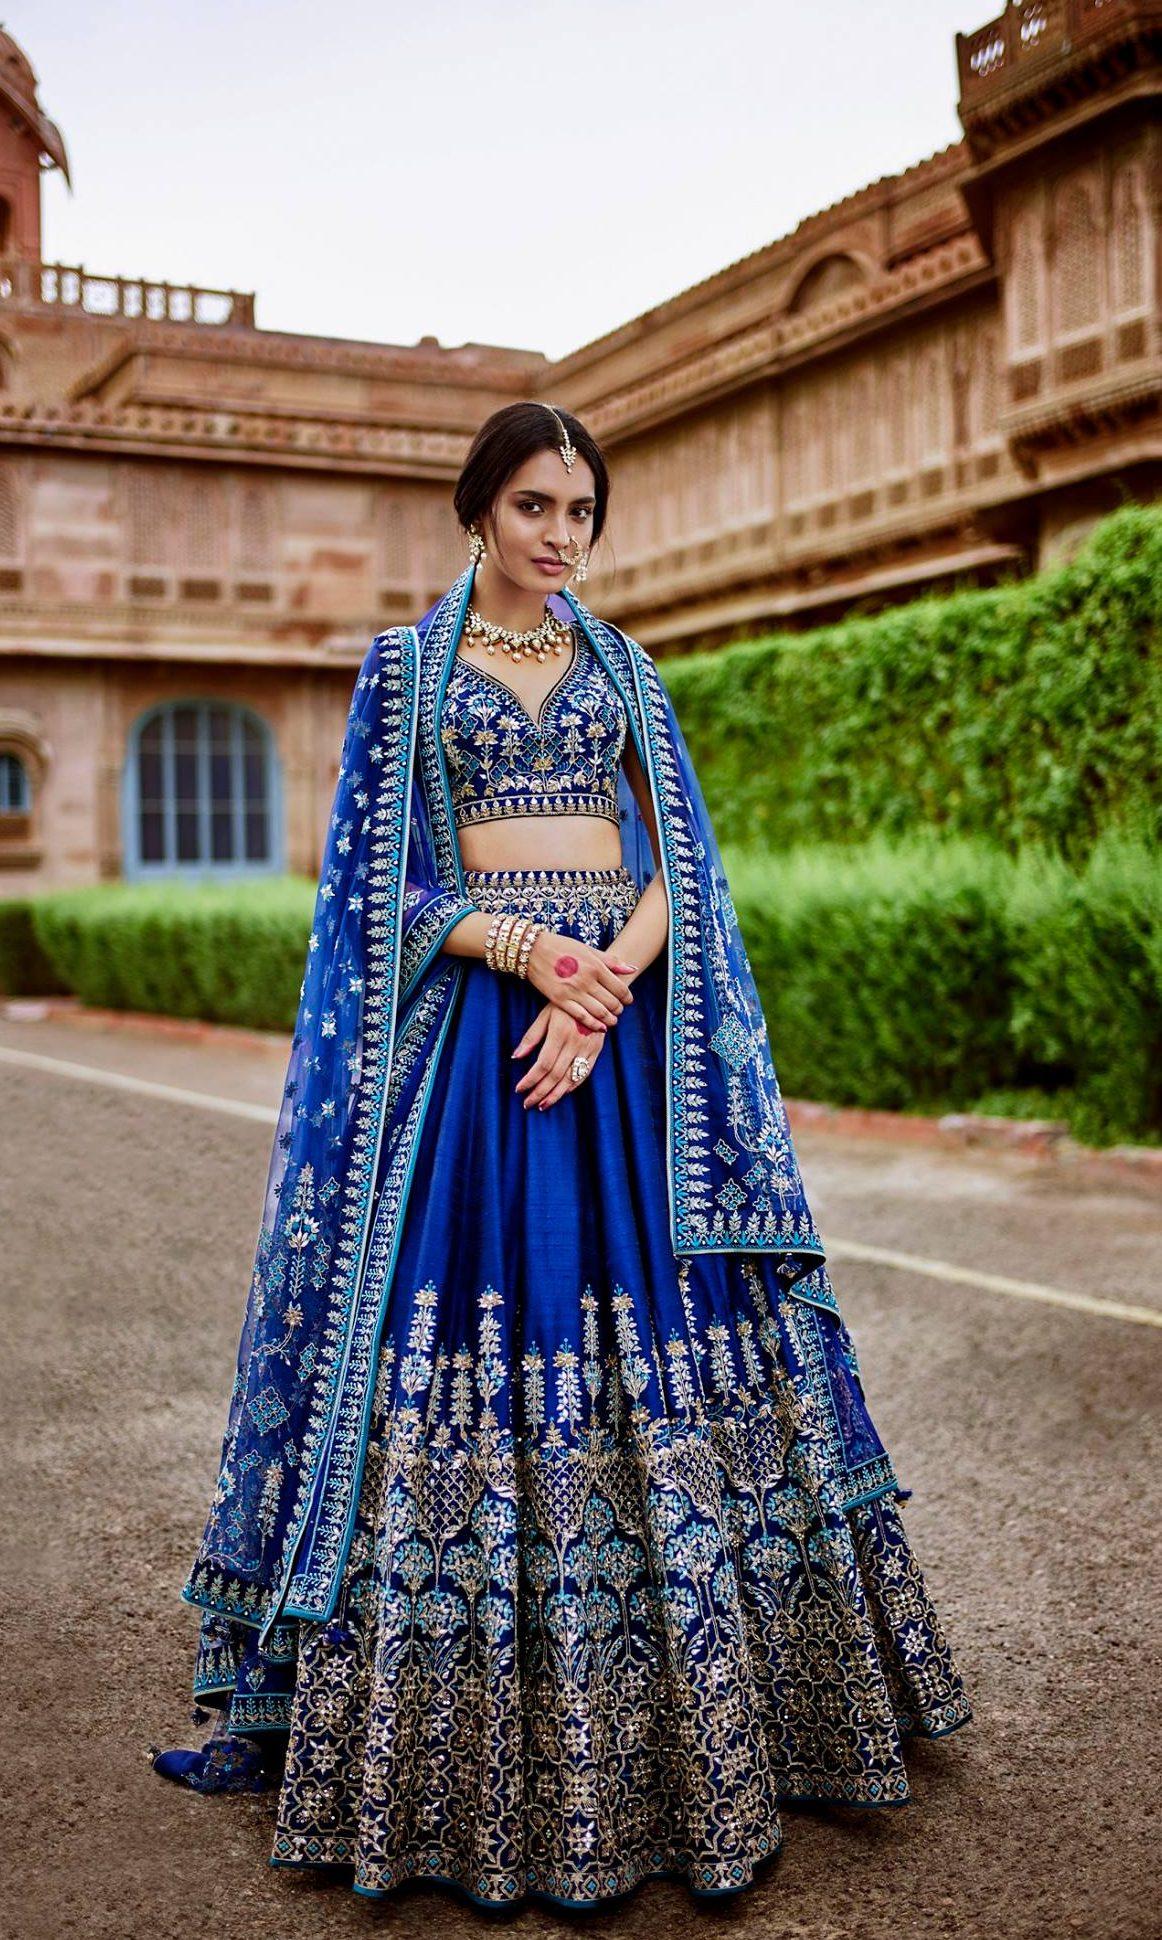 Indian bridal lehenga by Anita Dongre